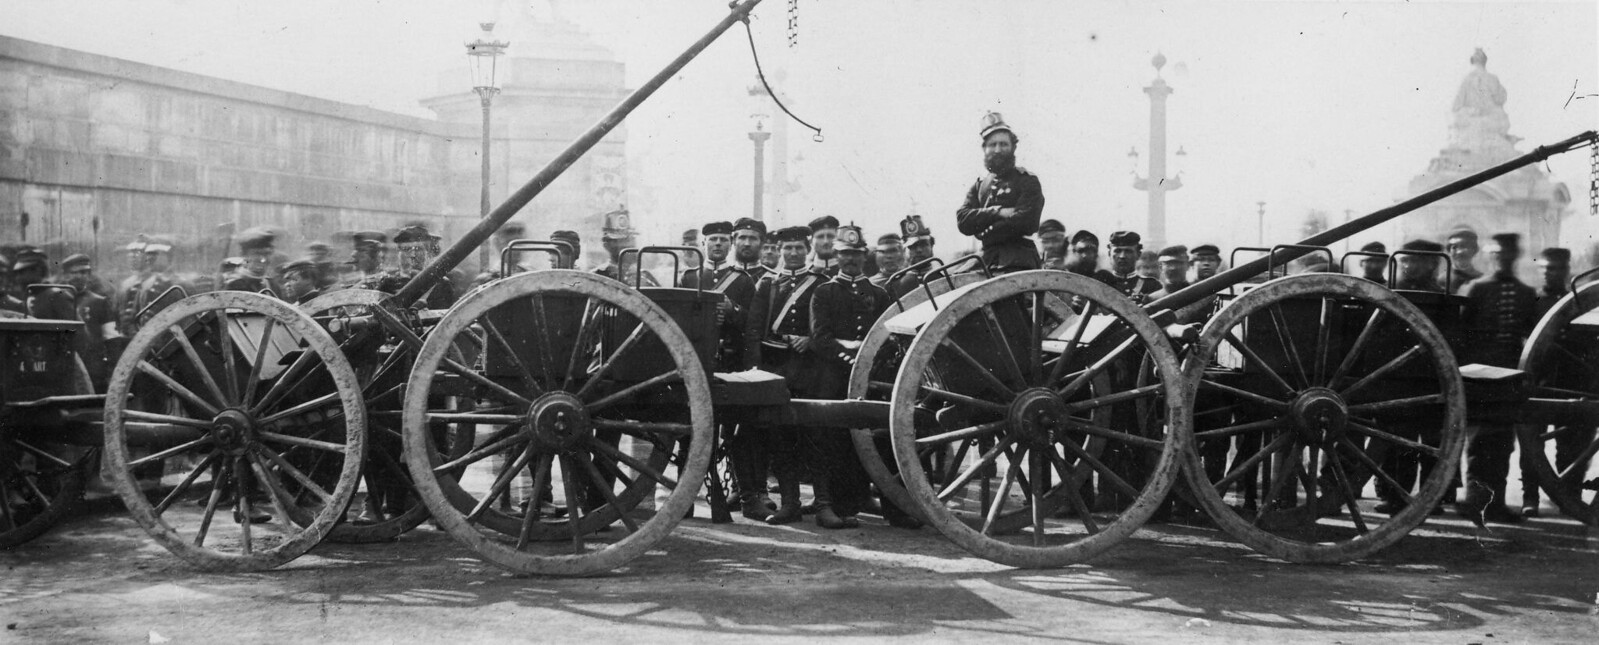 17. 1871. Прусские войска  на площади Согласия после оккупации Парижа во время франко-прусской войны 17 февраля